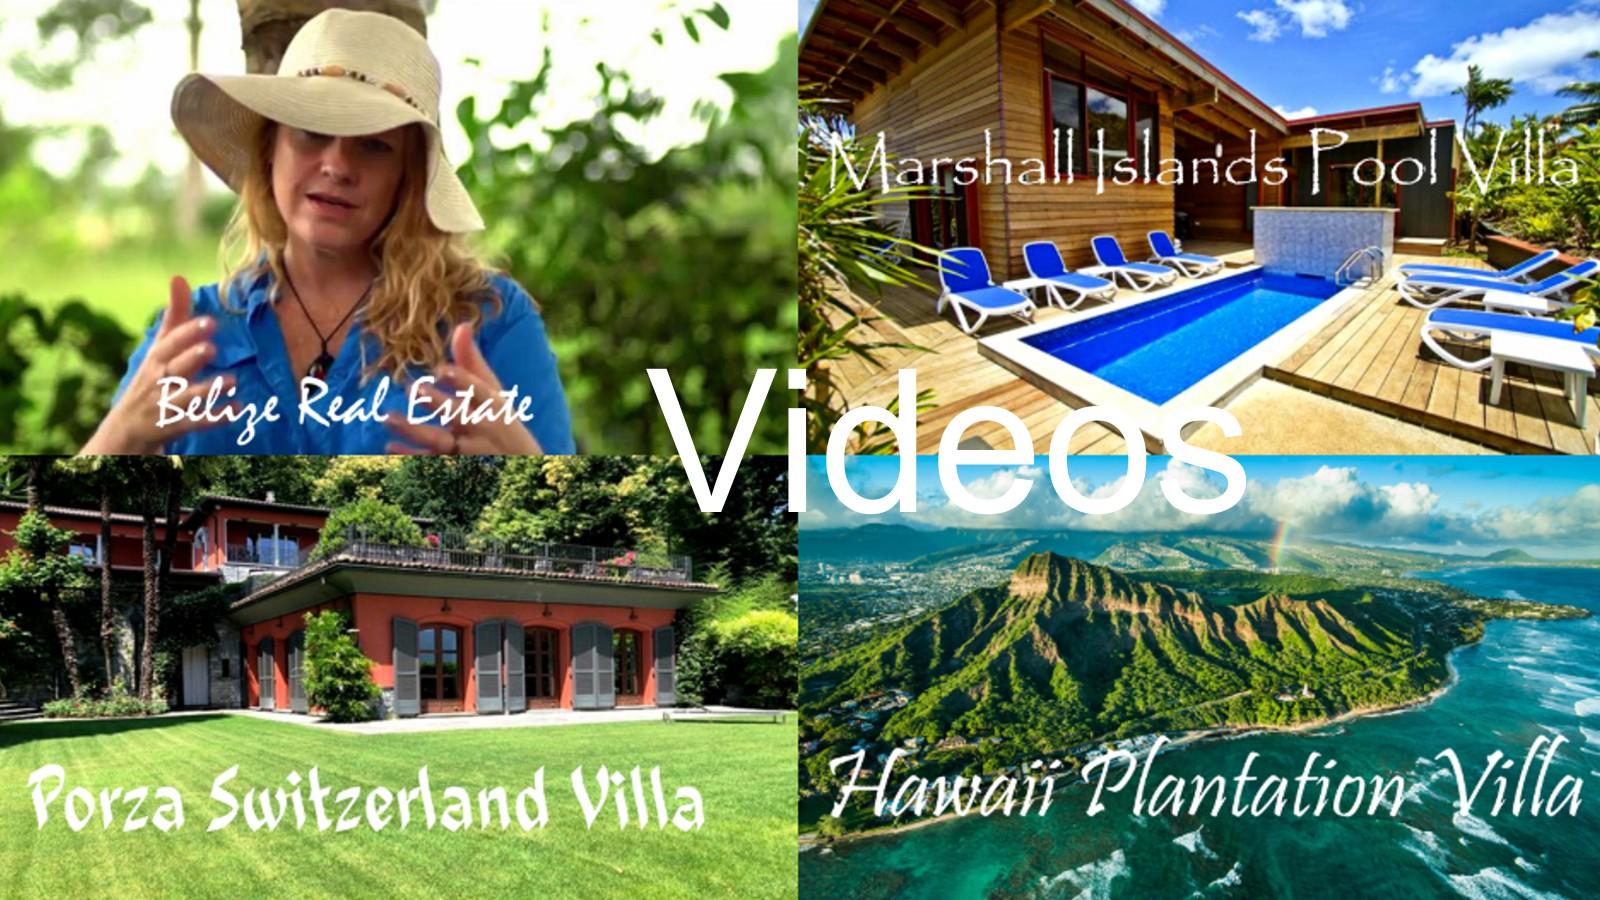 Global viewr Videos Slide